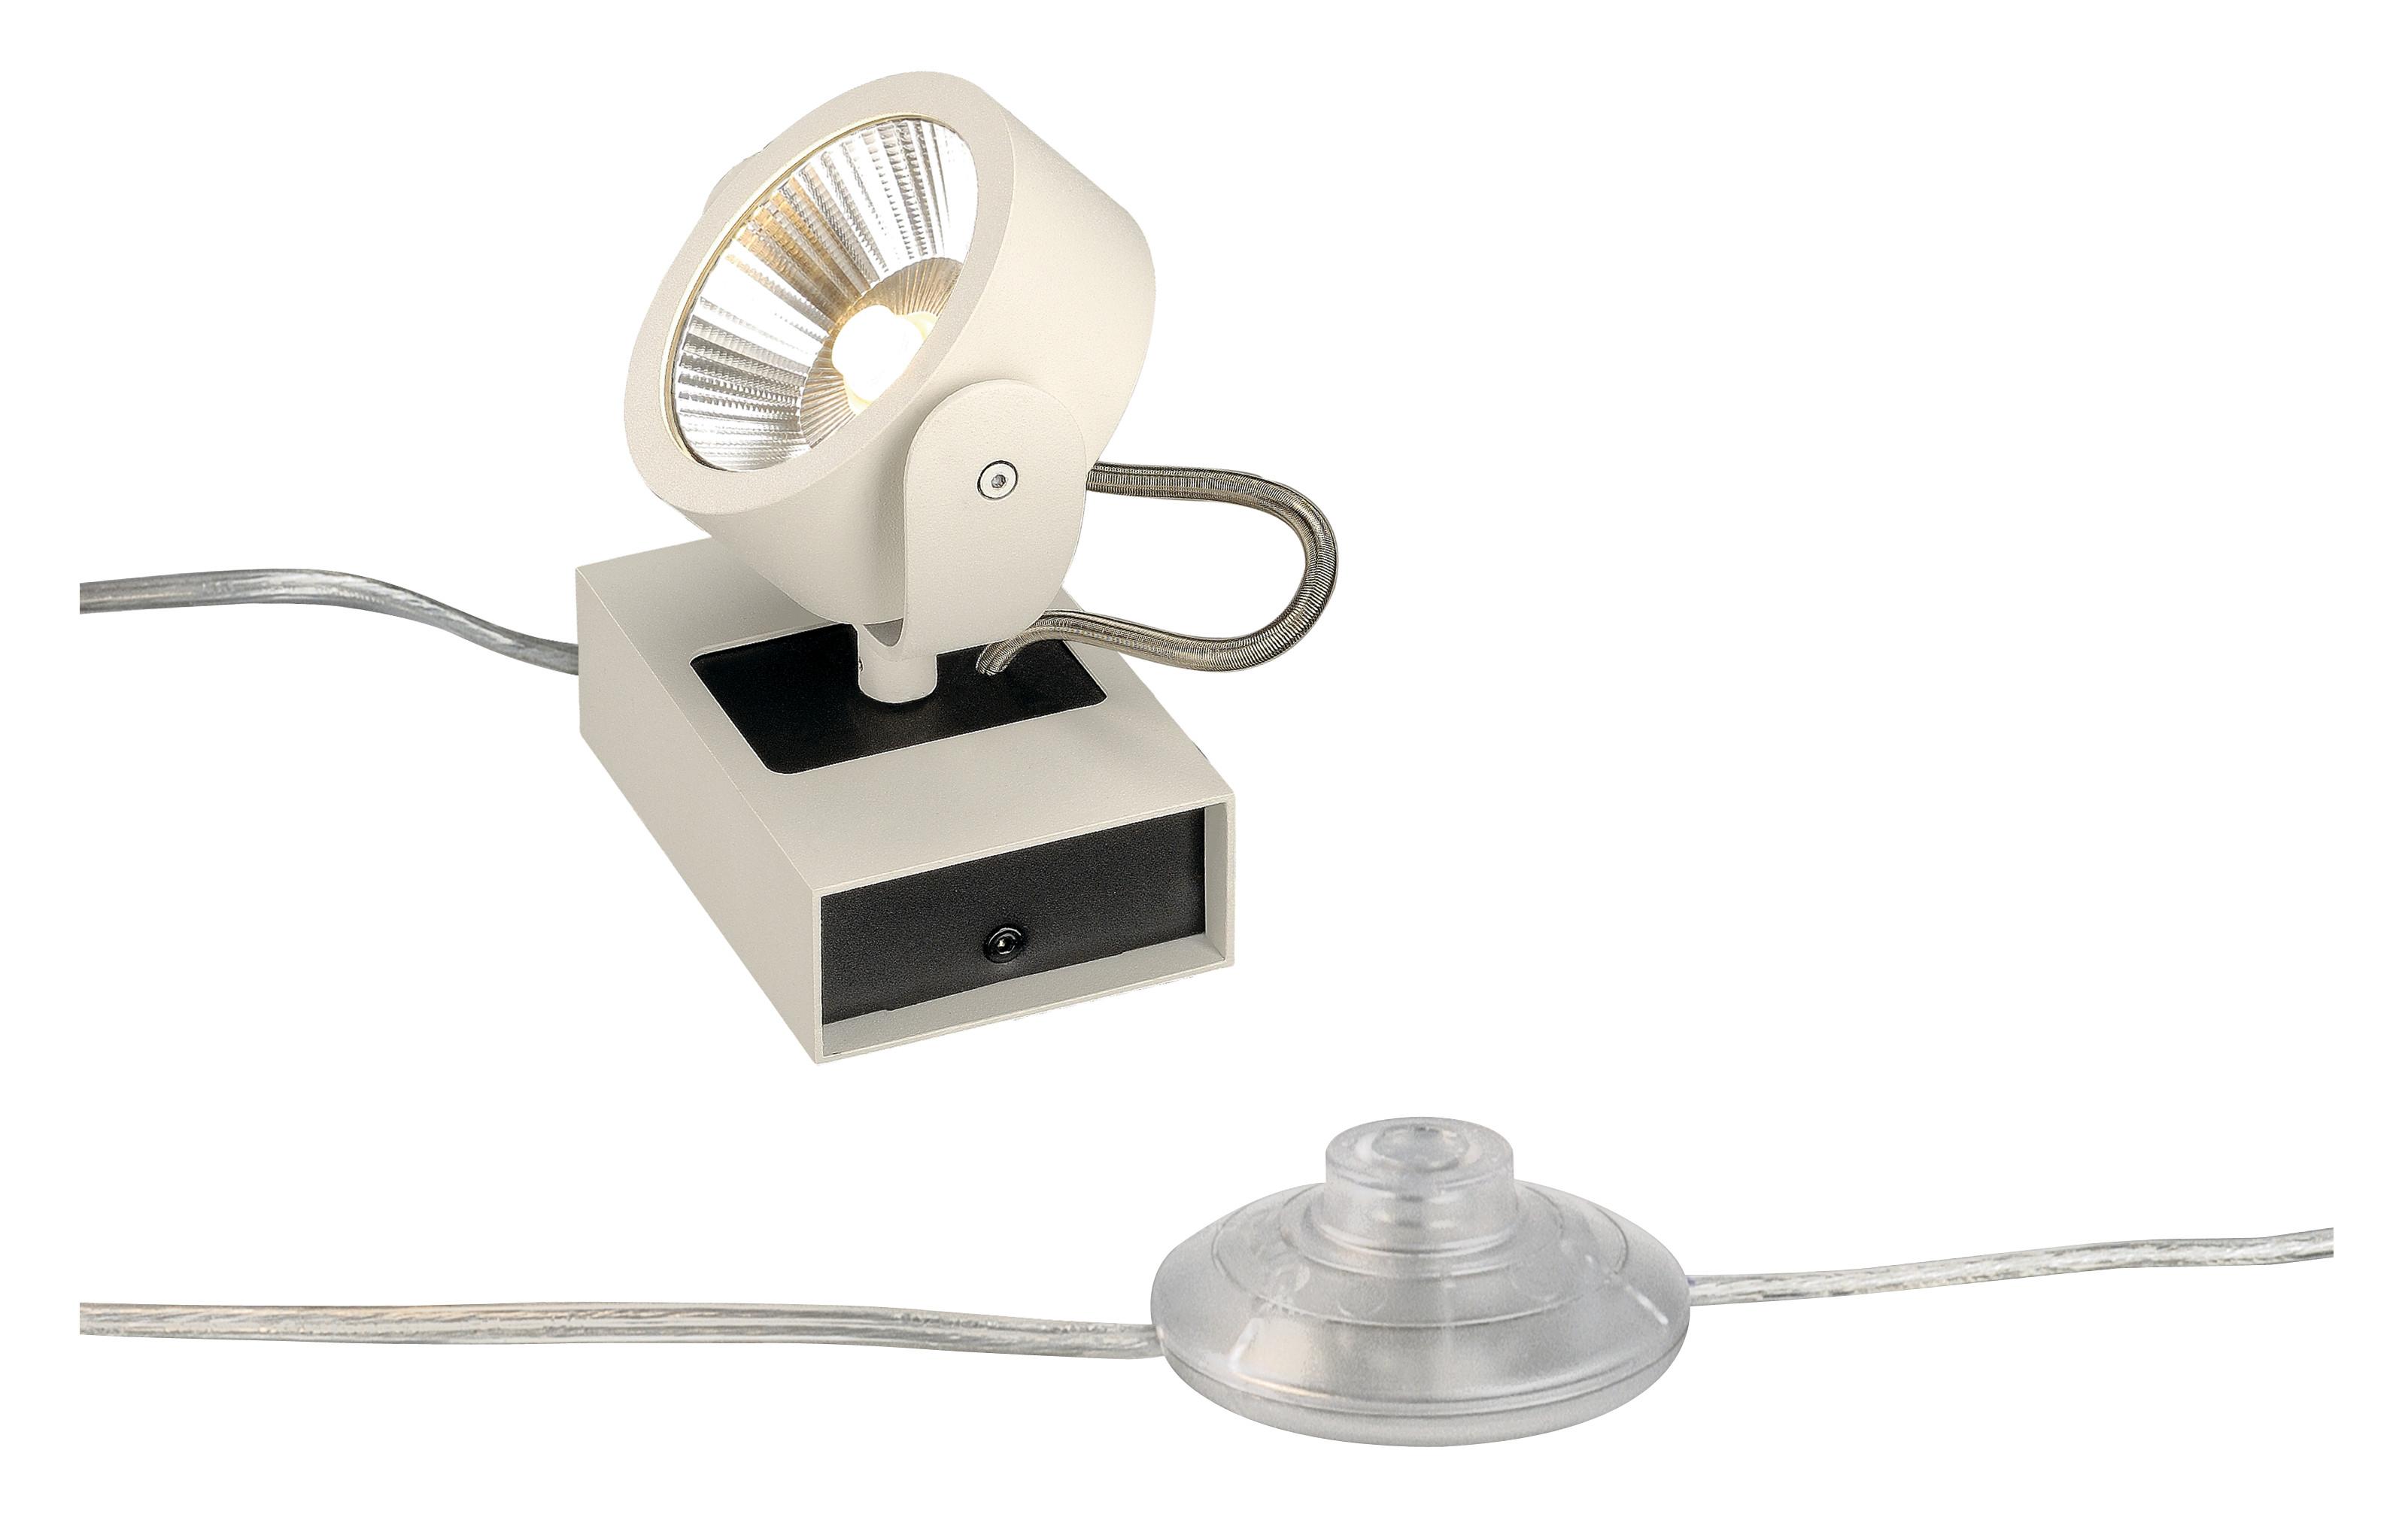 1 Stk KALU LED 1 FLOOR Bodenleuchte, weiß/schwarz, 3000K, 60°  LI1000140-